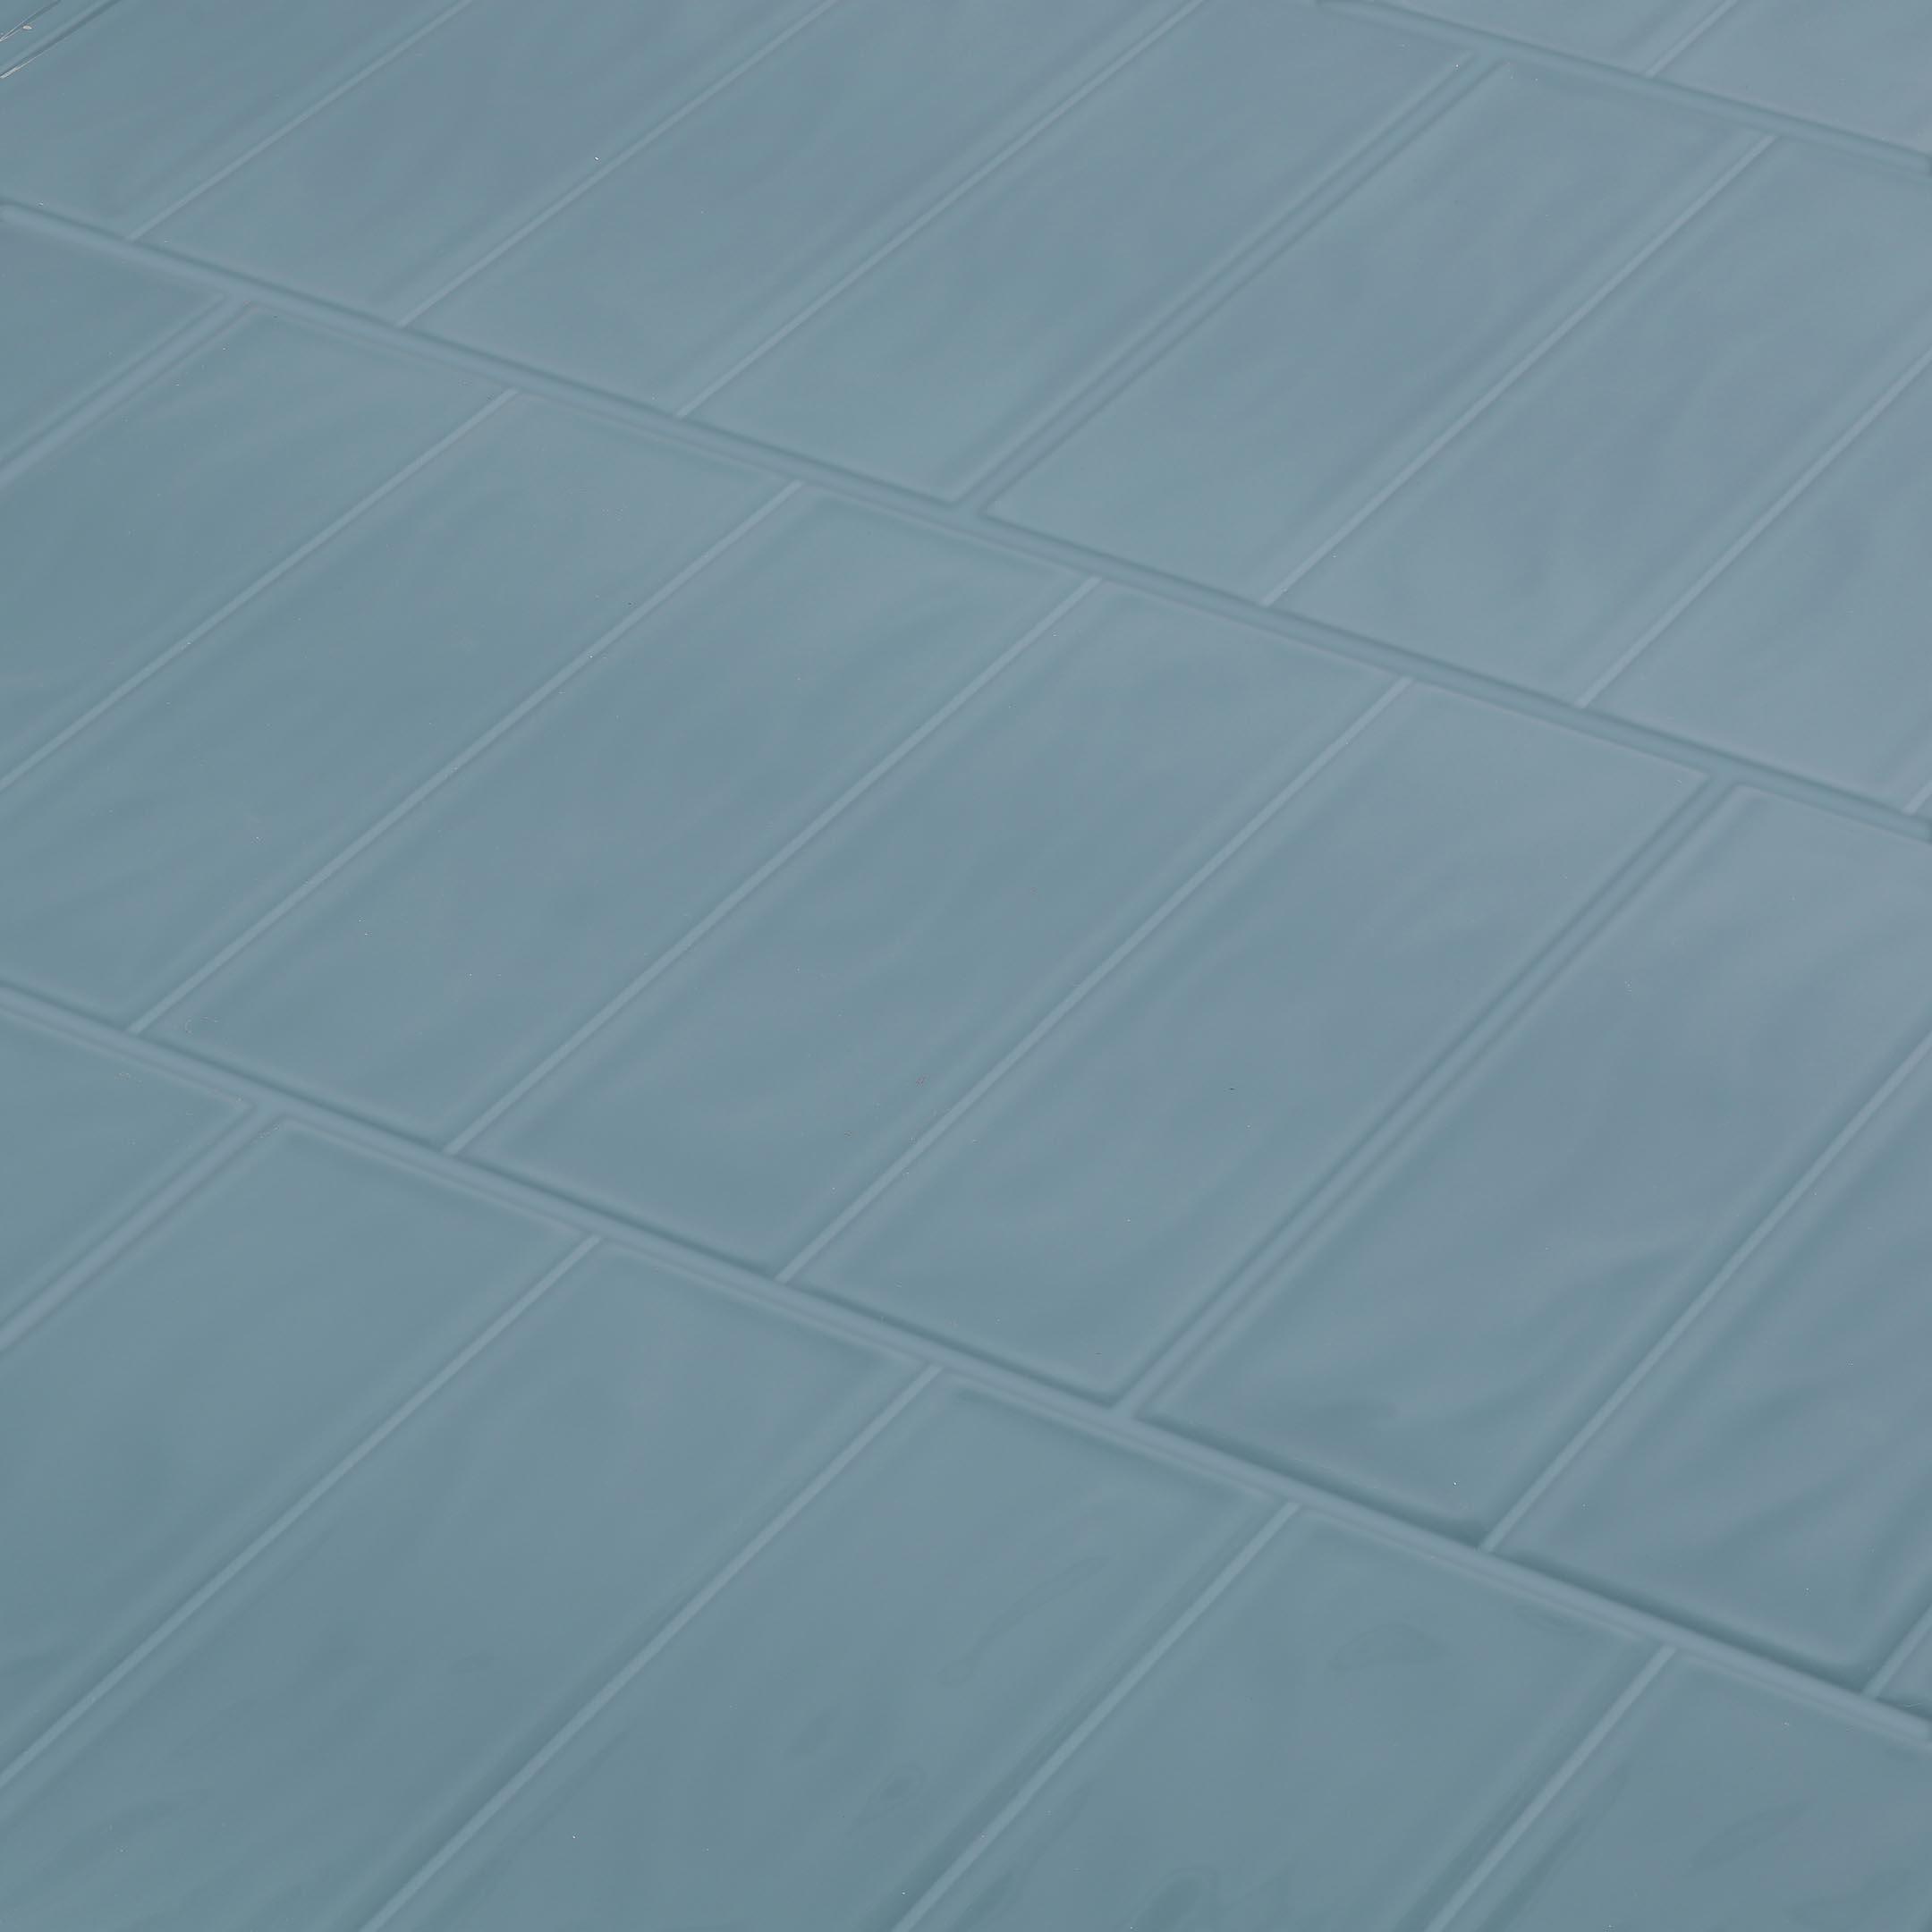 Плитка облицовочная Керамин Метро 2Т синий 275x400x7,5 мм (15 шт.=1,65 кв.м)